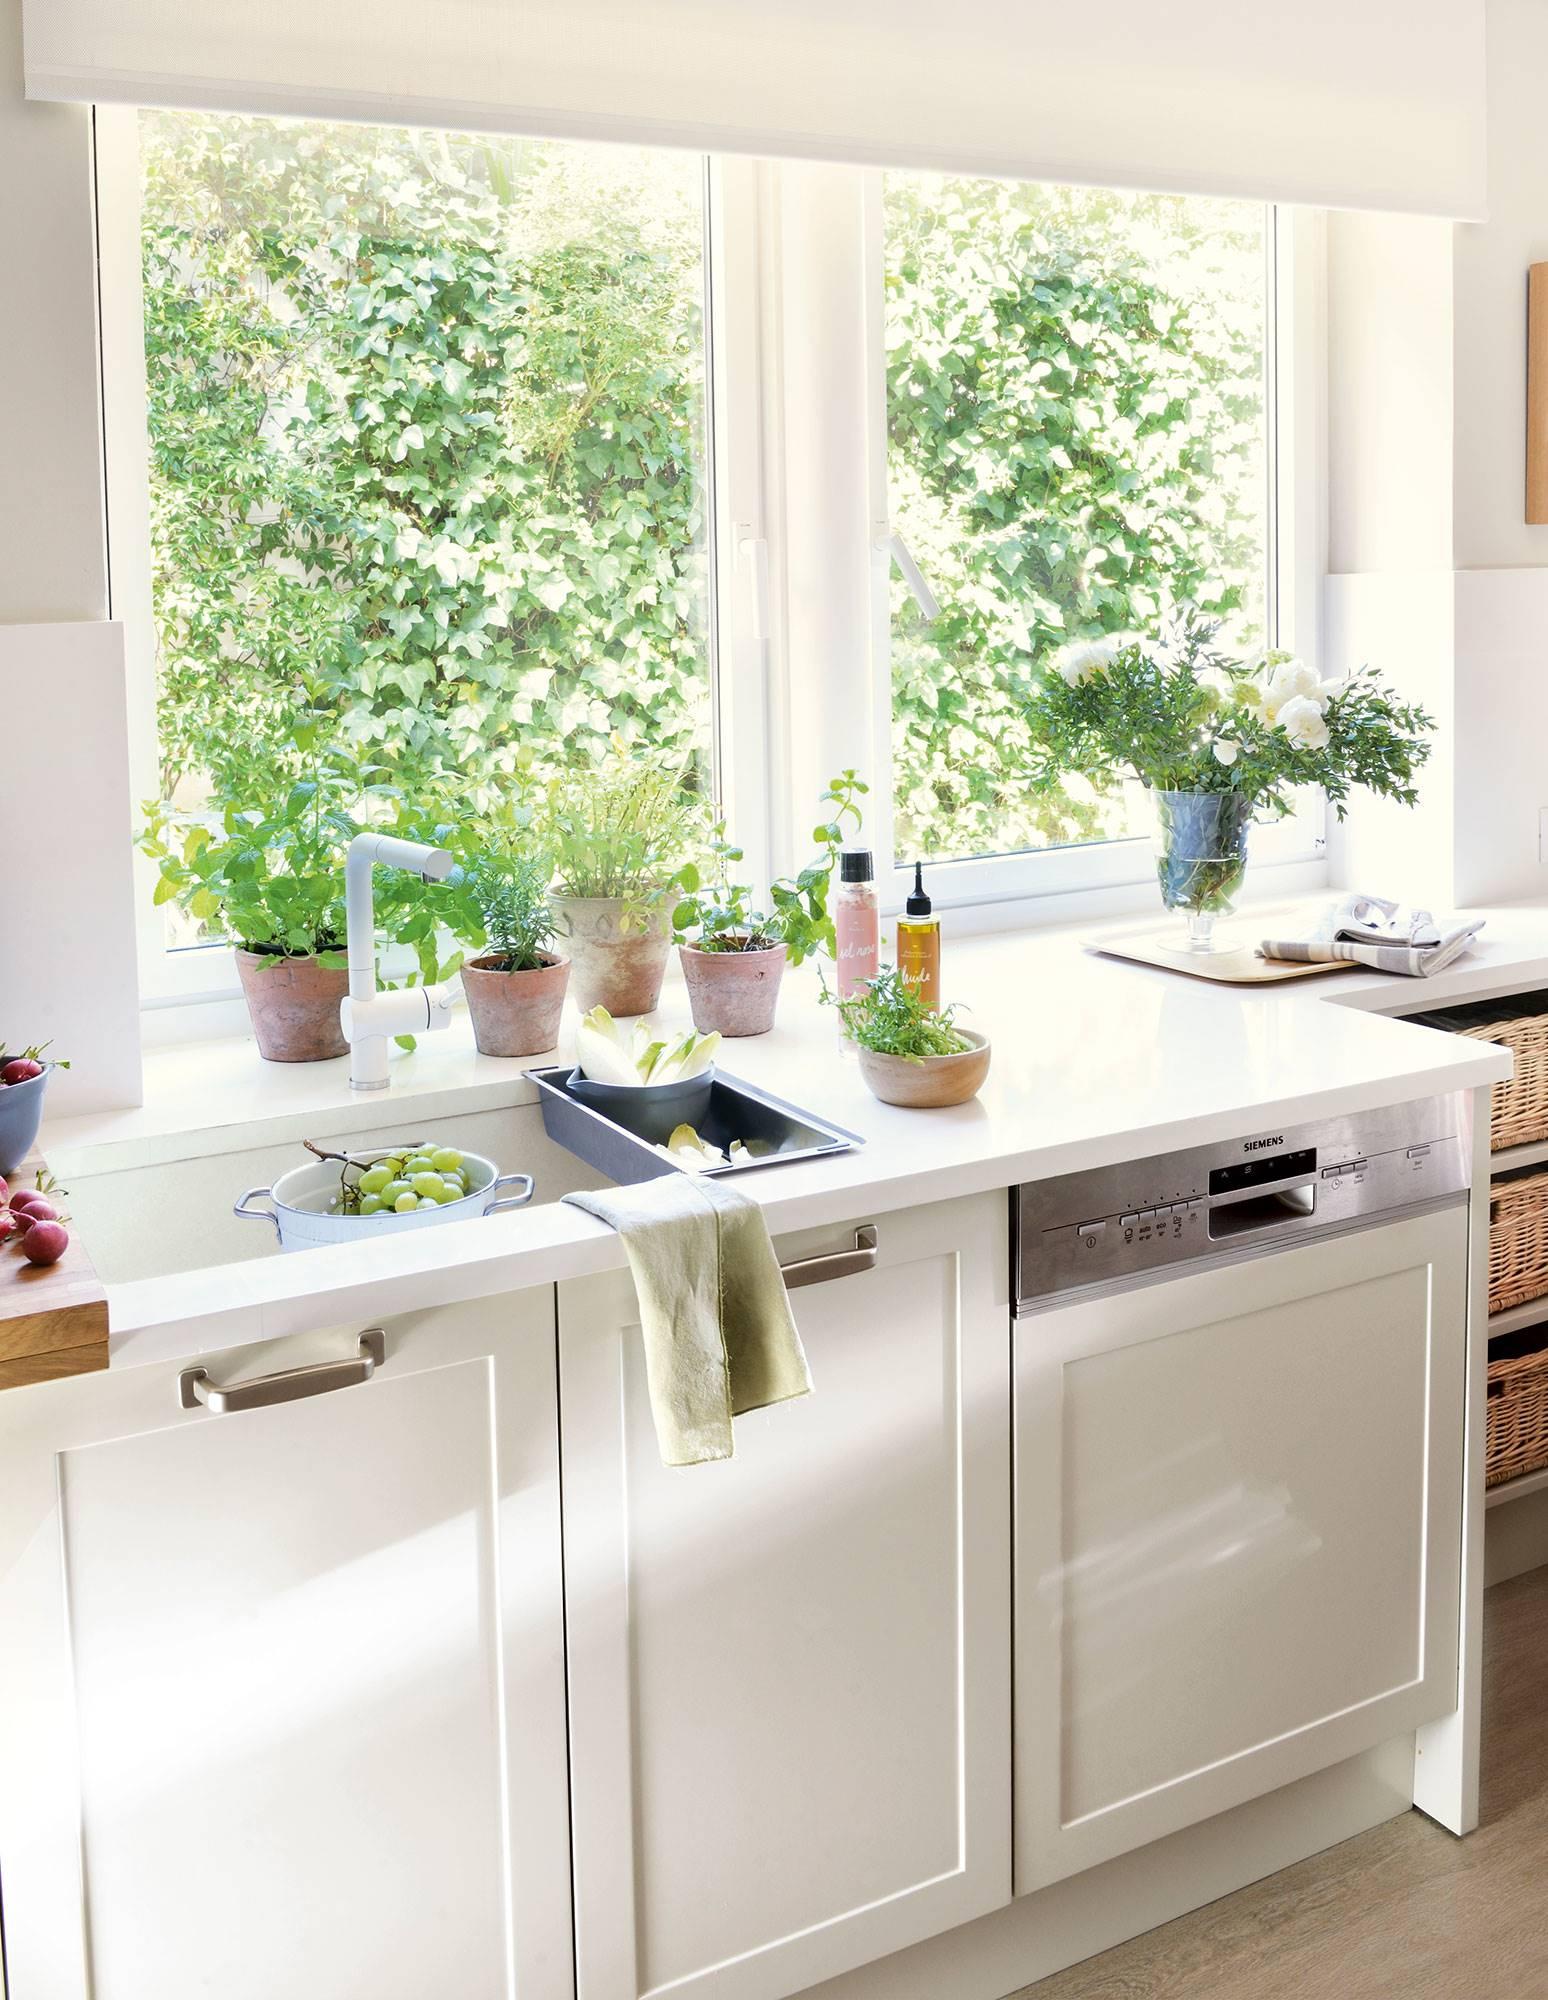 semitoma de cocina blanca con fregadero y lavavajillas